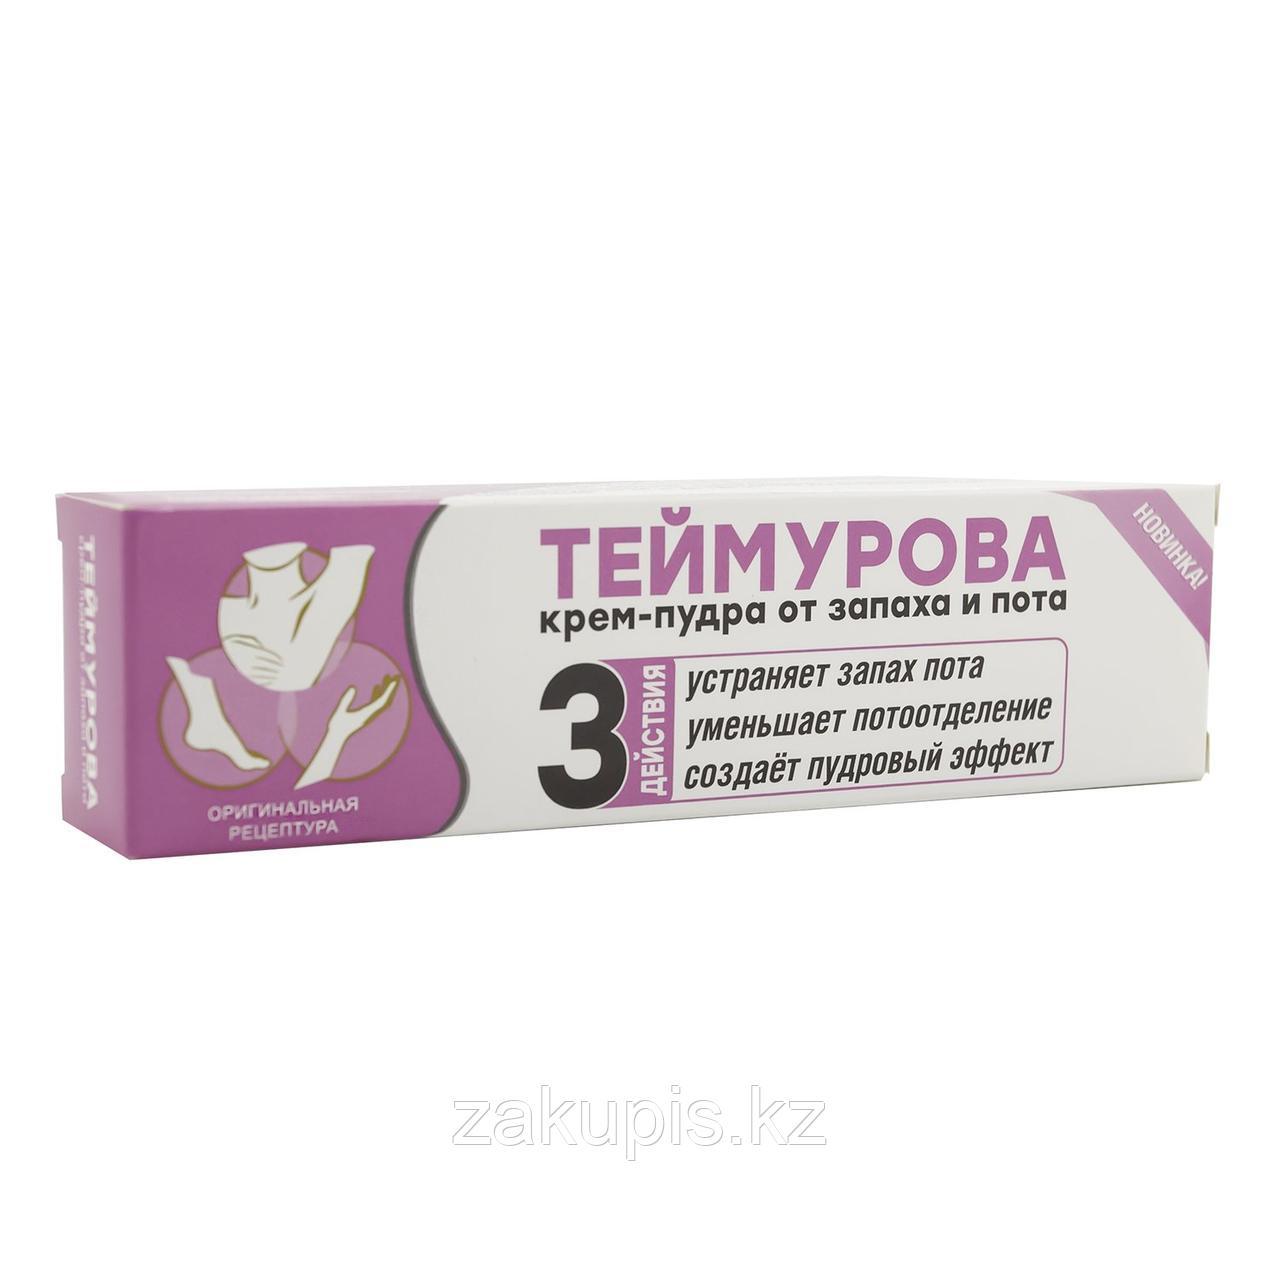 Крем-пудра Теймурова от запаха пота